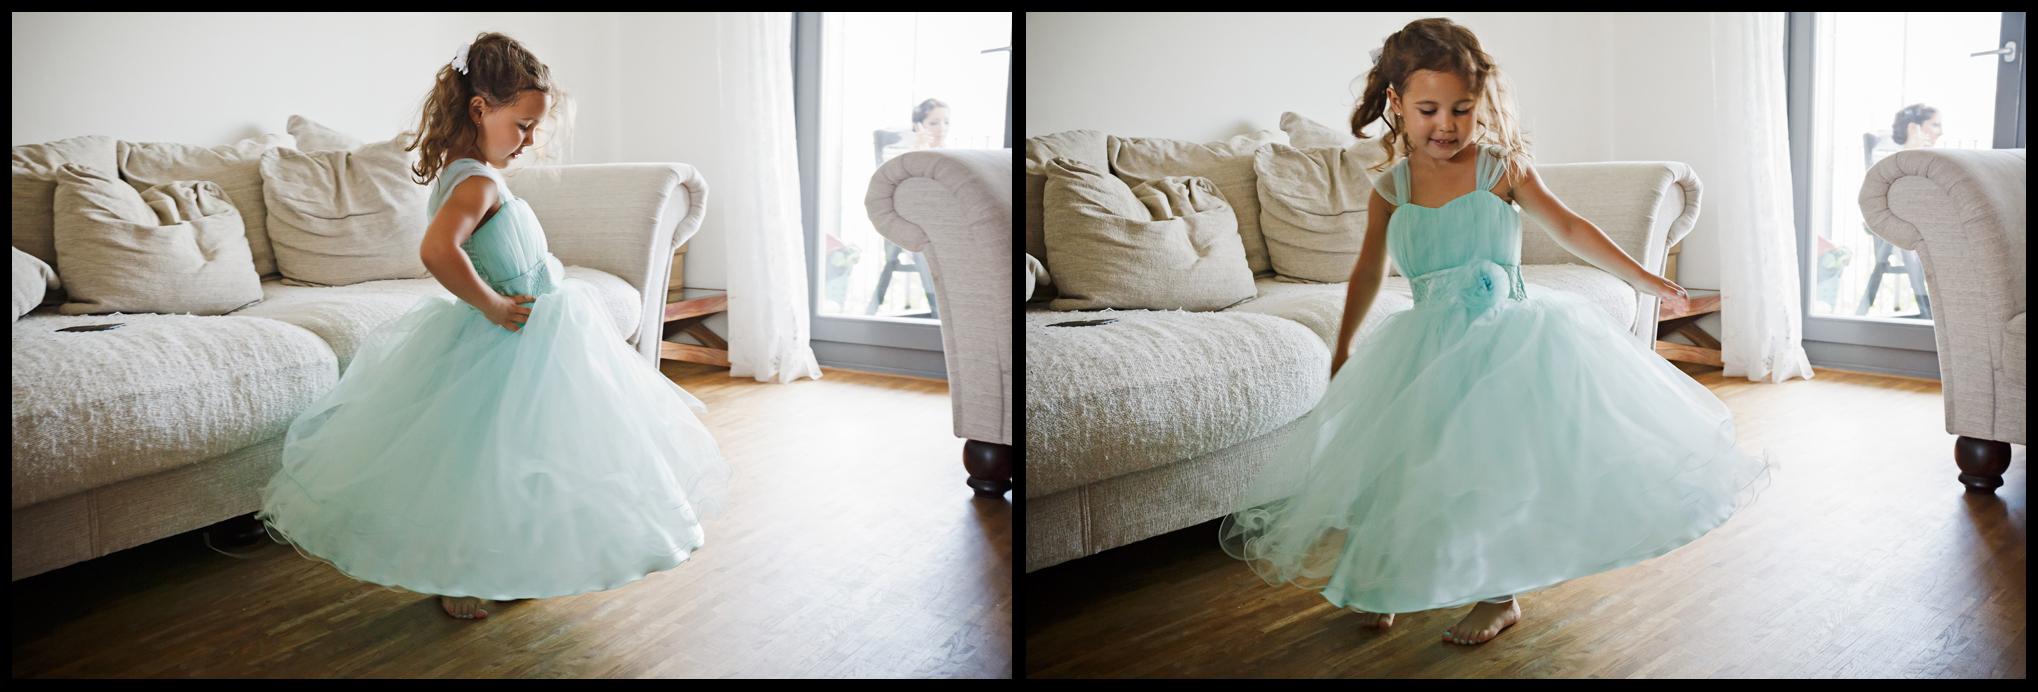 160709-Jelena&Ante-1246-7925_7934-Canon EOS 6D